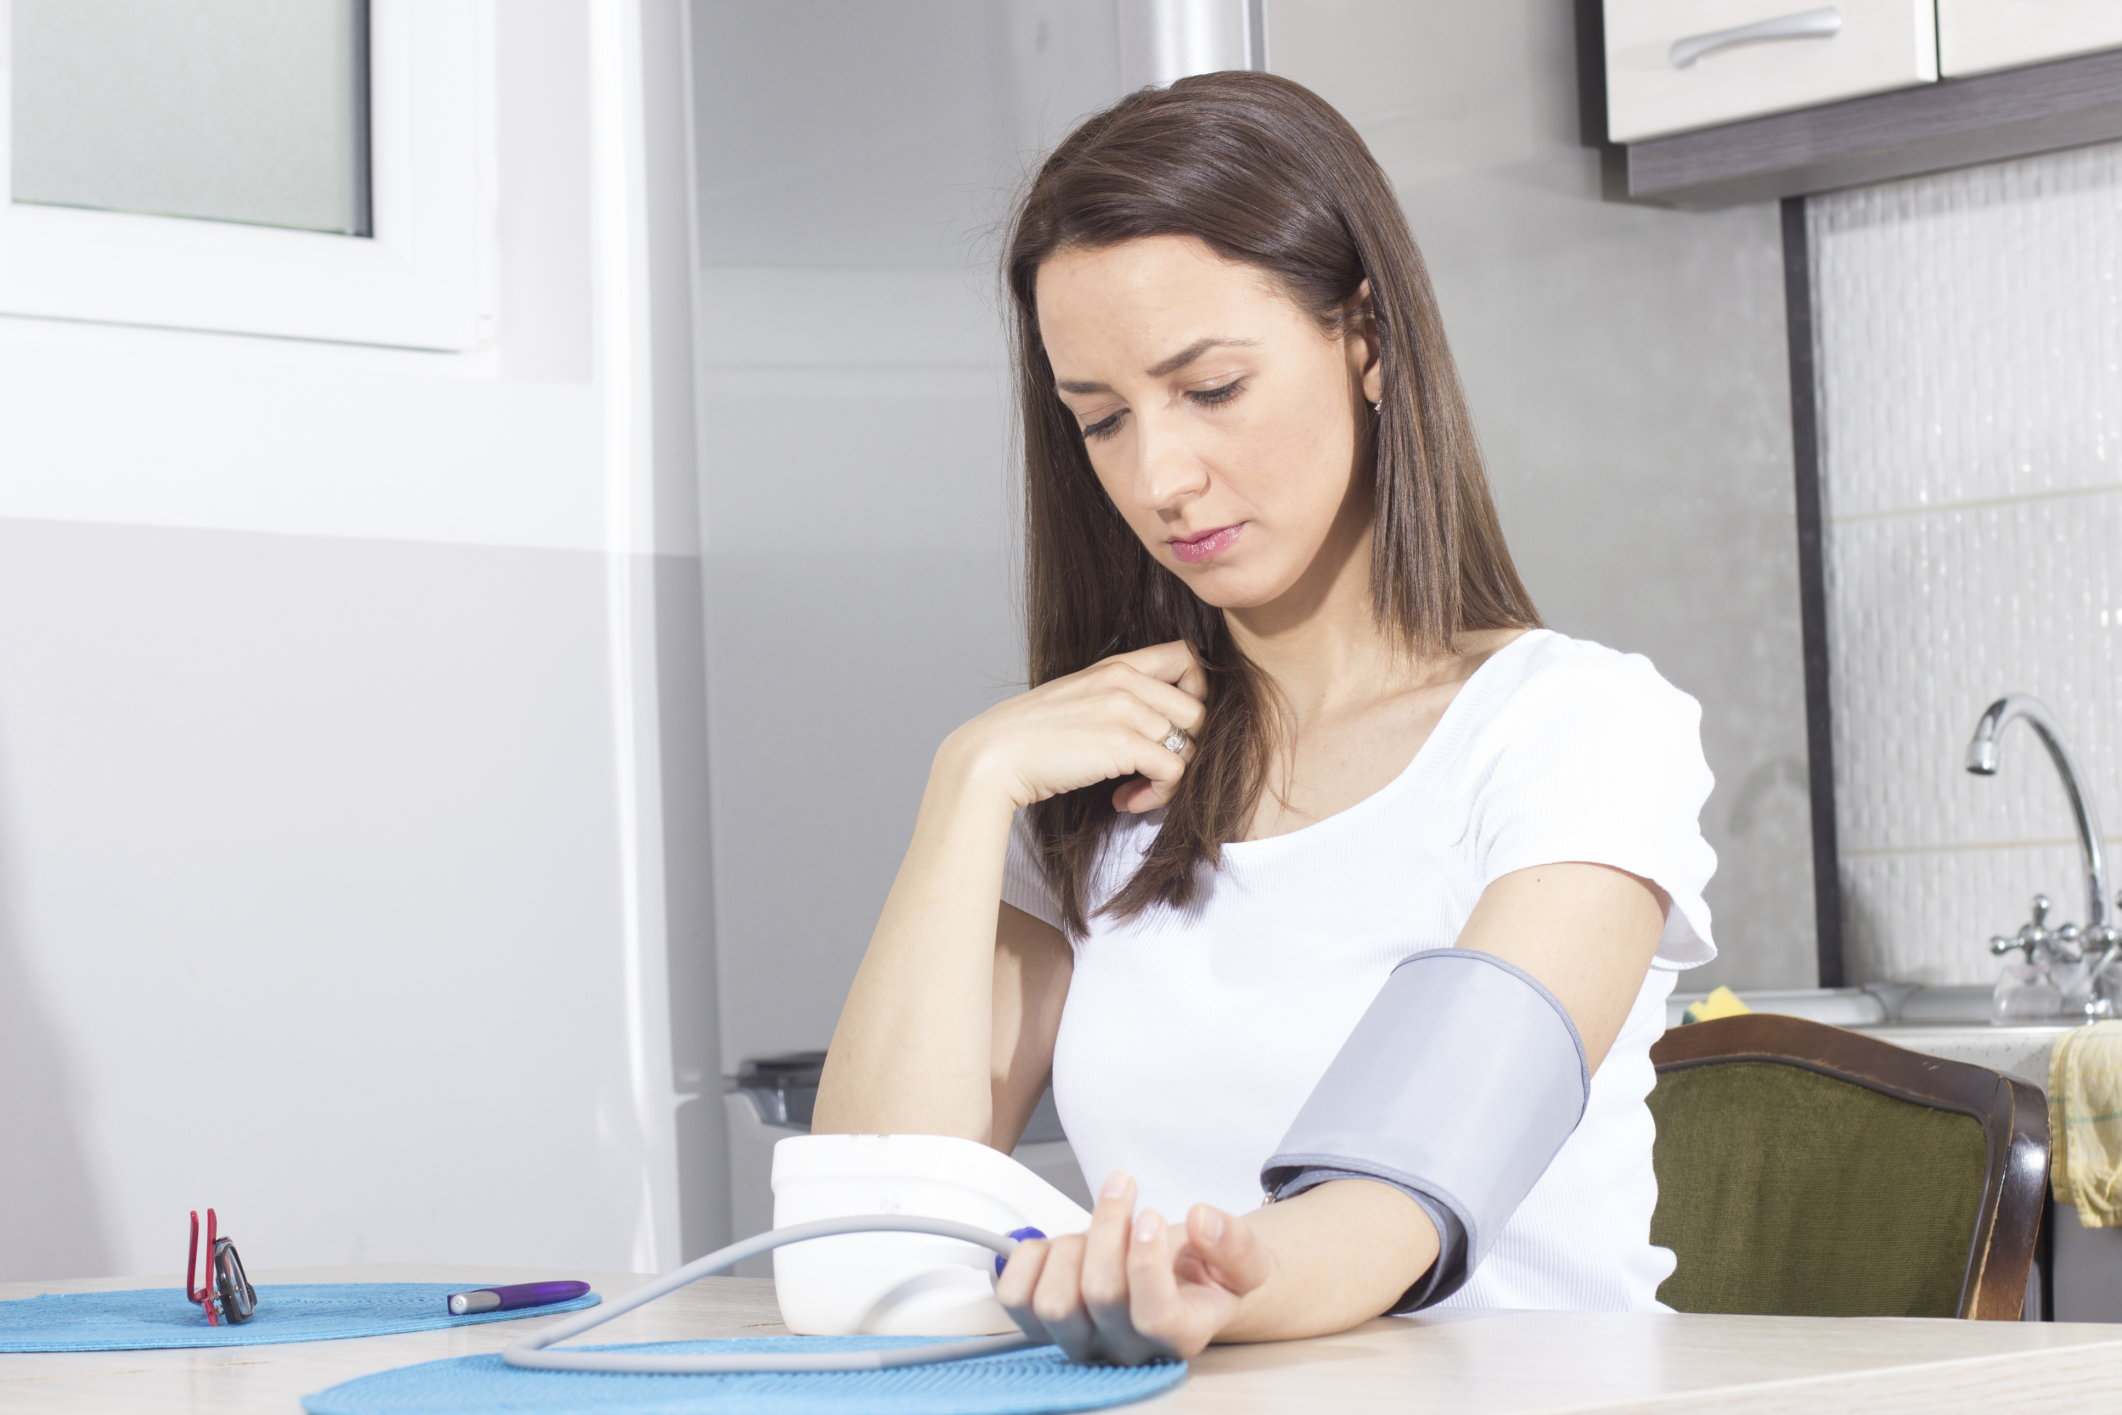 mi provokálhatja a magas vérnyomás támadását ginkoum hipertónia